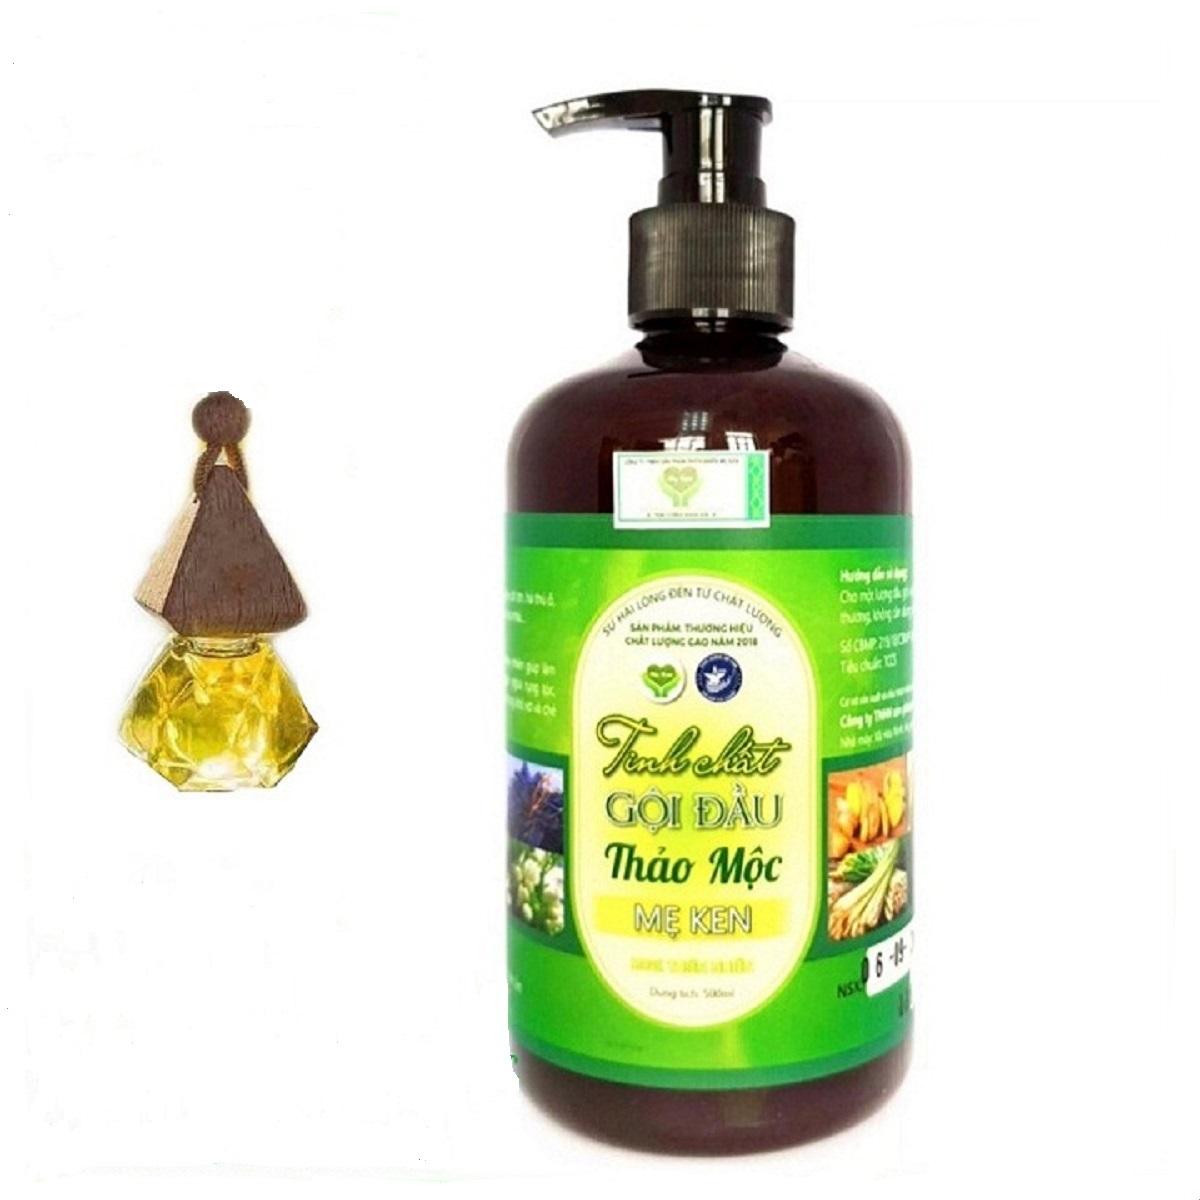 Tinh chất dầu gội đầu thảo mộc dưỡng tóc MẸ KEN chai 500 ml tặng tinh dầu sả chanh mẹ ken treo xe